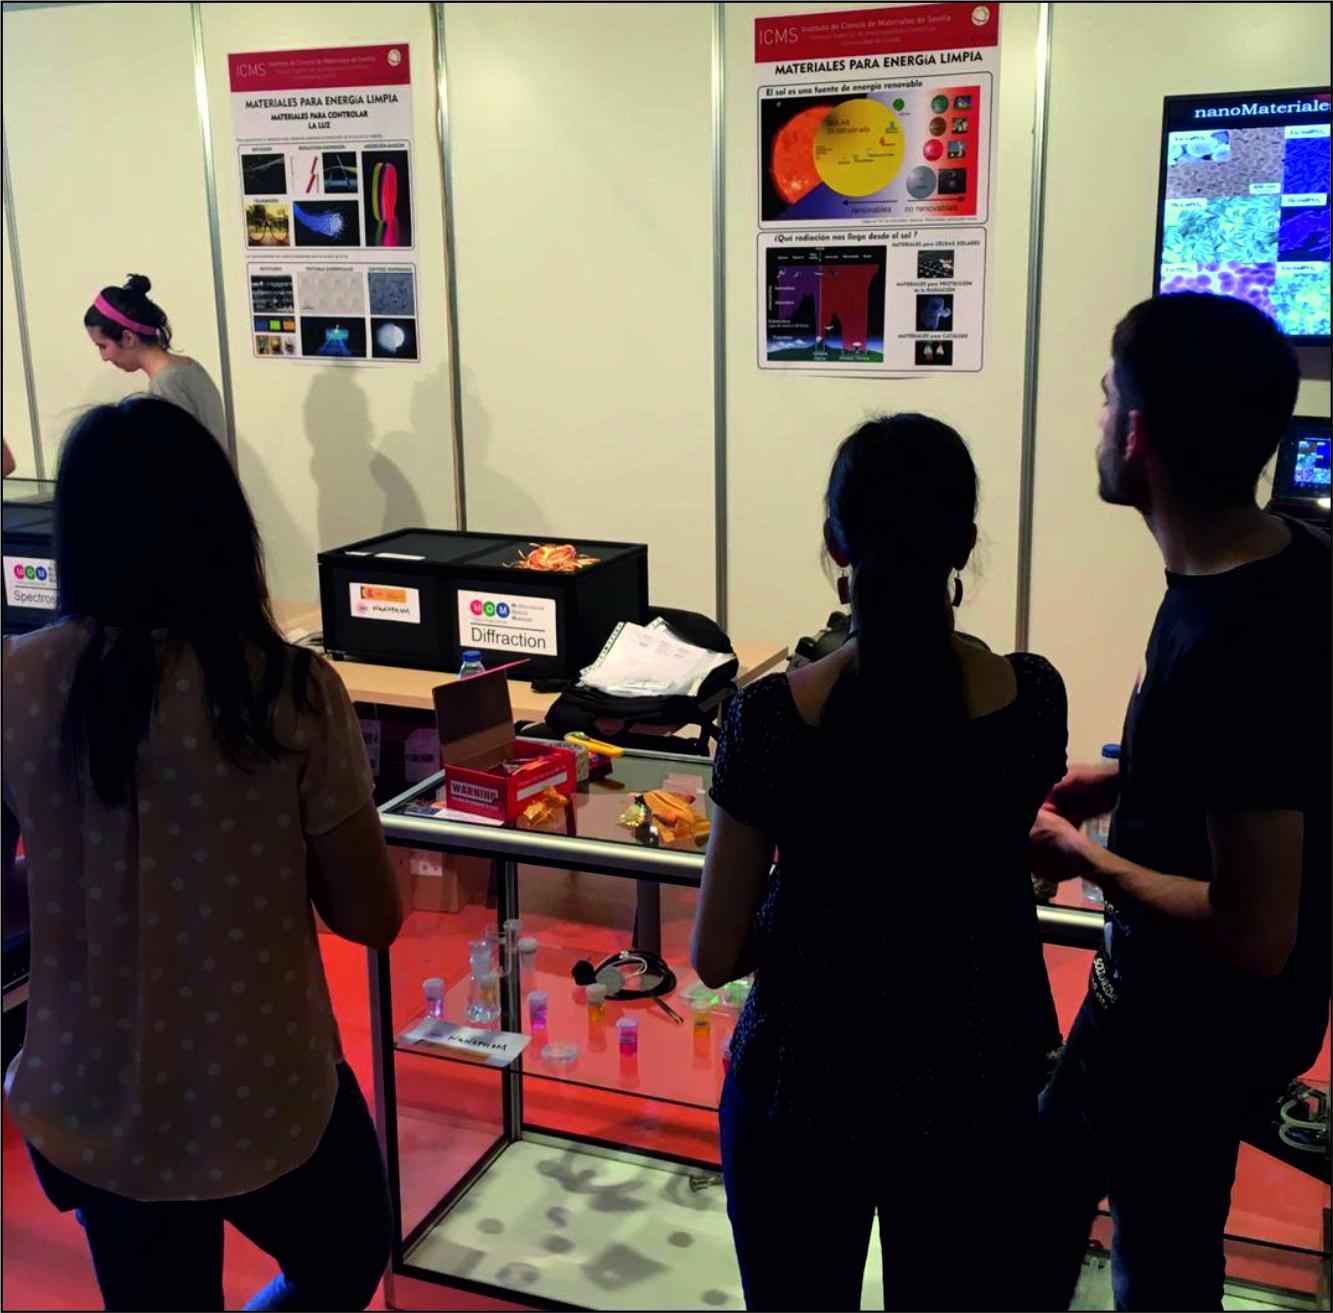 Feria de la Ciencia, Sociedad Andaluza para la Divulgación de la Ciencia y Fundación Descubre. May 16-19, Sevilla (Spain)